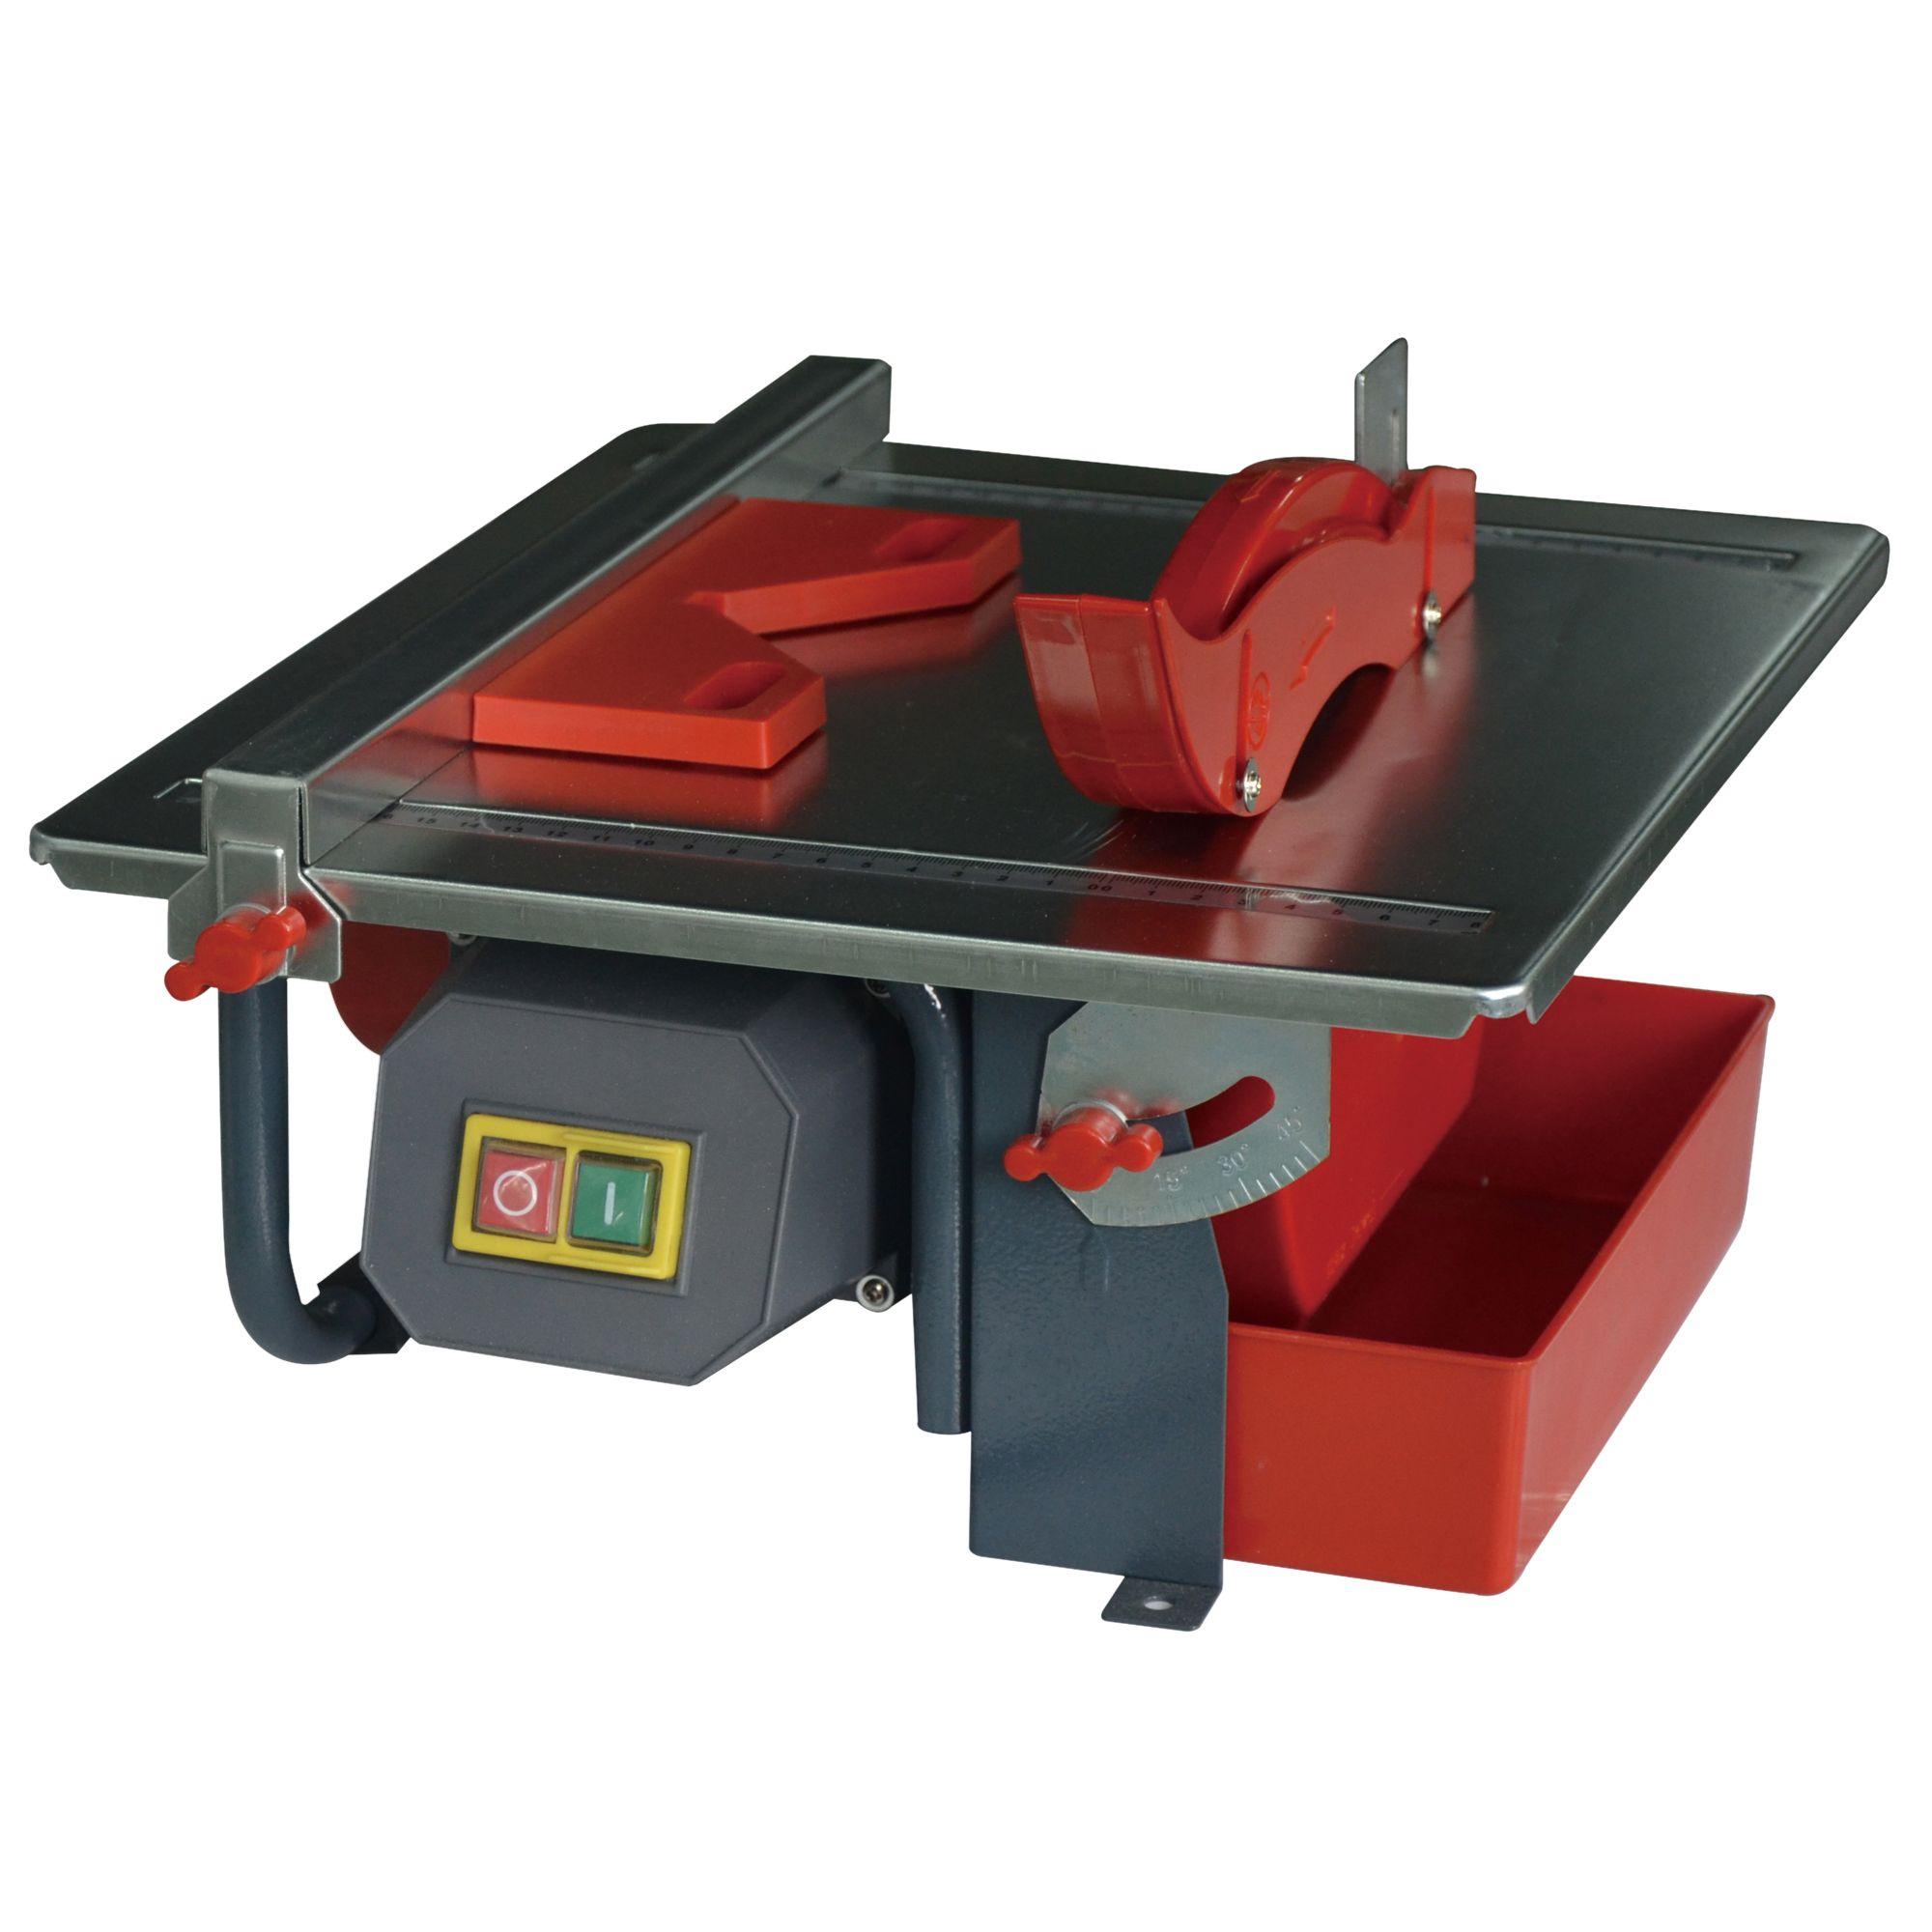 B Q Tile Cutter: Performance Power Corded 180mm 450W 230-240V Tile Cutter